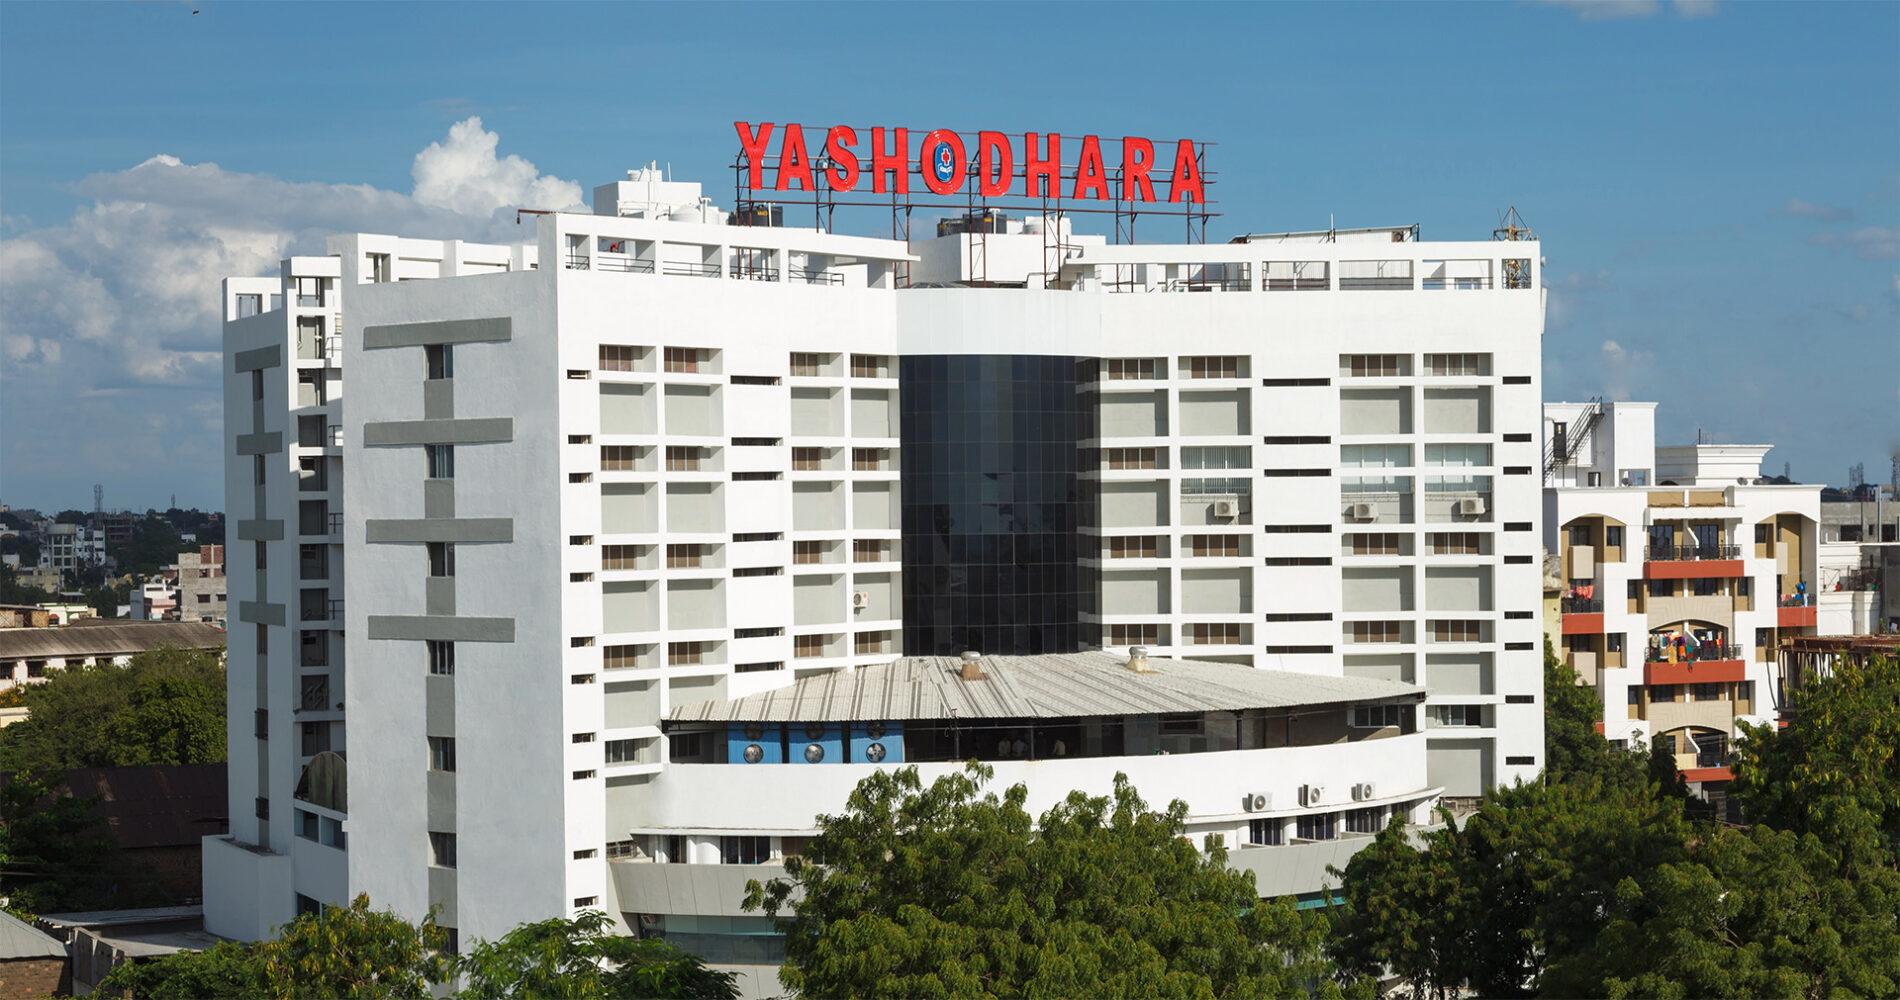 Yashodhara Super Speciality Hospital